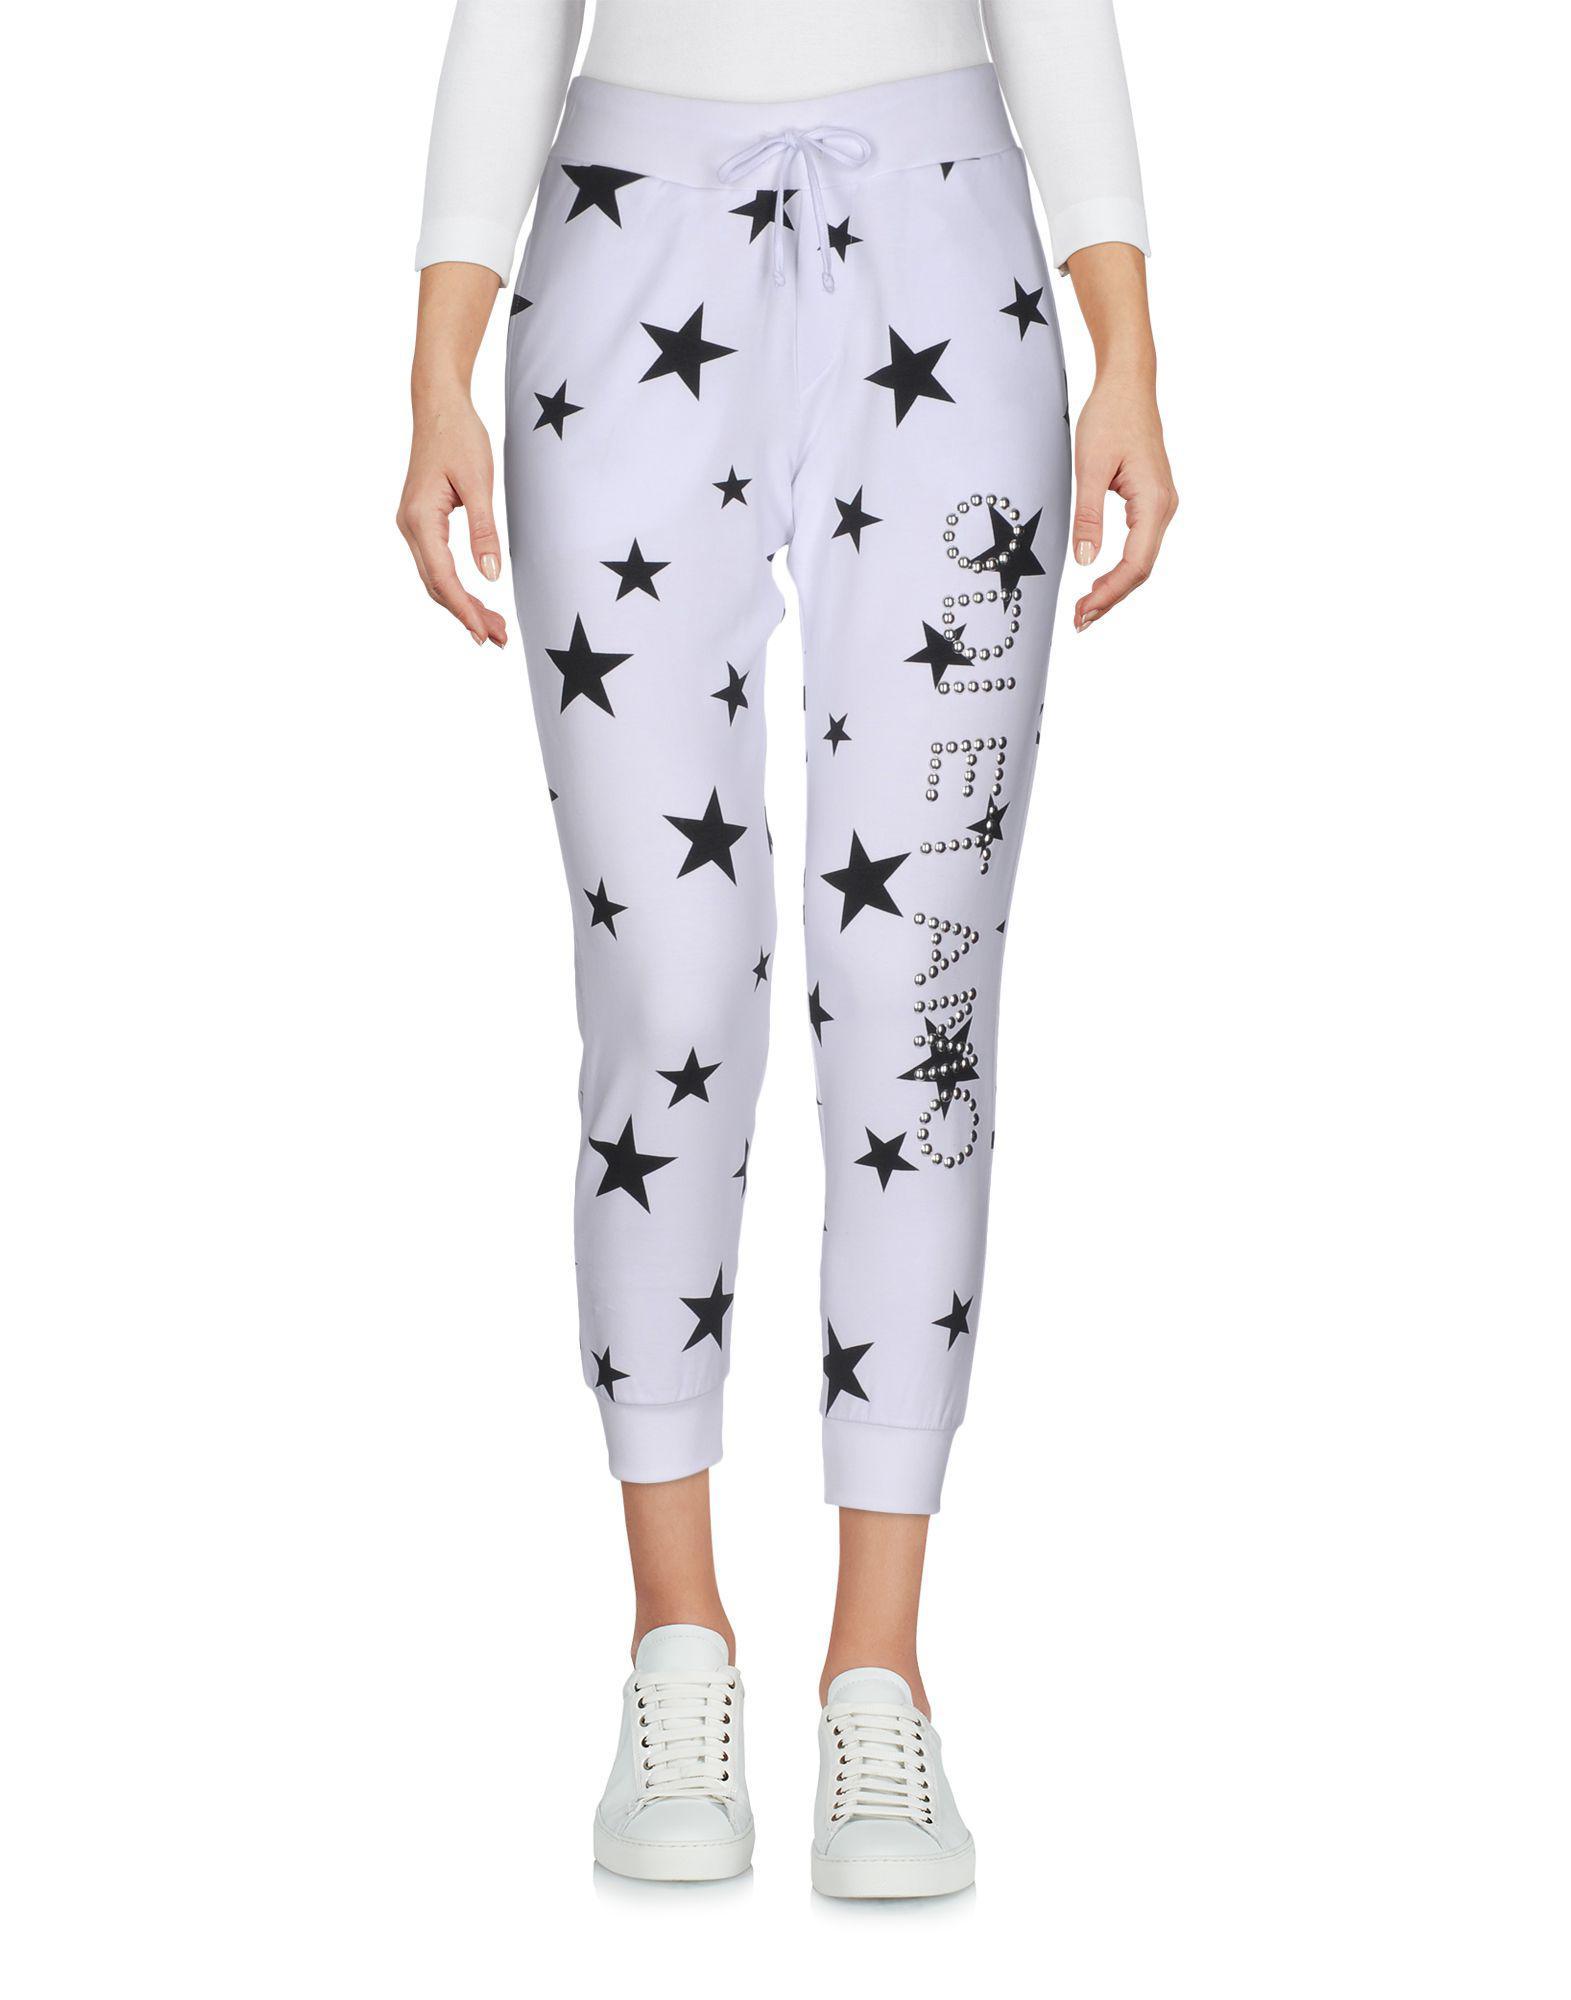 TROUSERS - 3/4-length trousers Odi Et Amo fHFWqXr